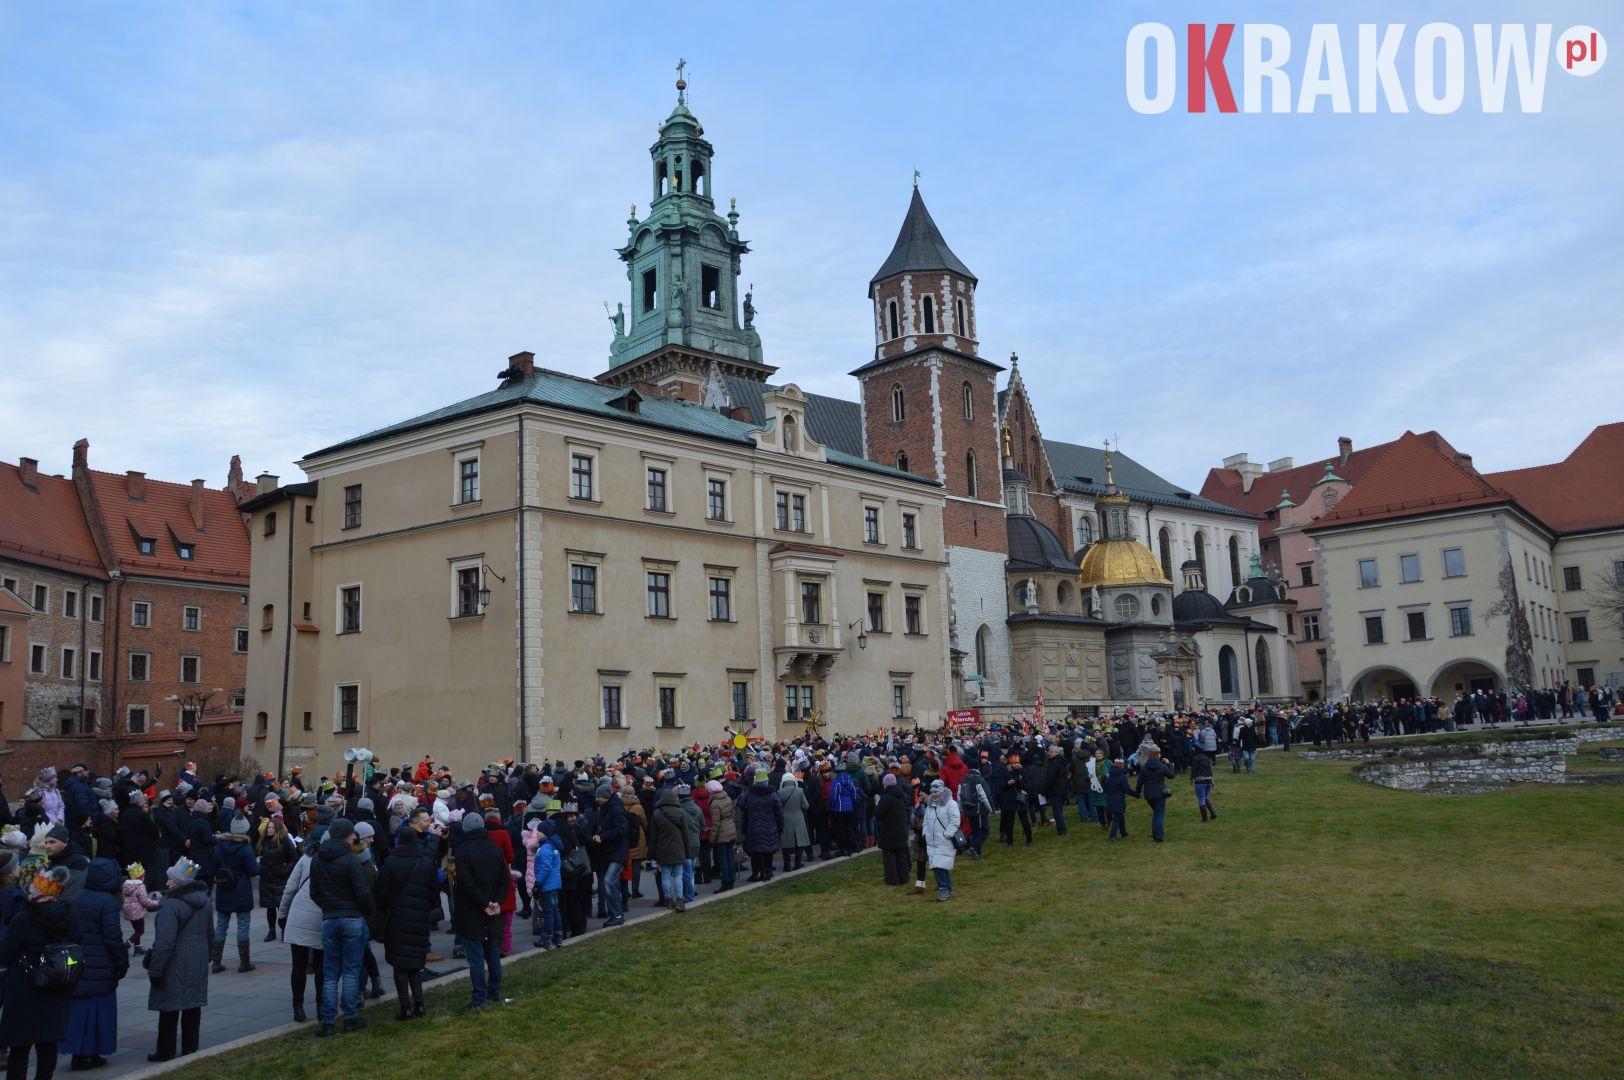 orszak 7 1 150x150 - Orszak Trzech Króli Kraków 2020 Galeria Zdjęć z Orszaku (czerwonego)